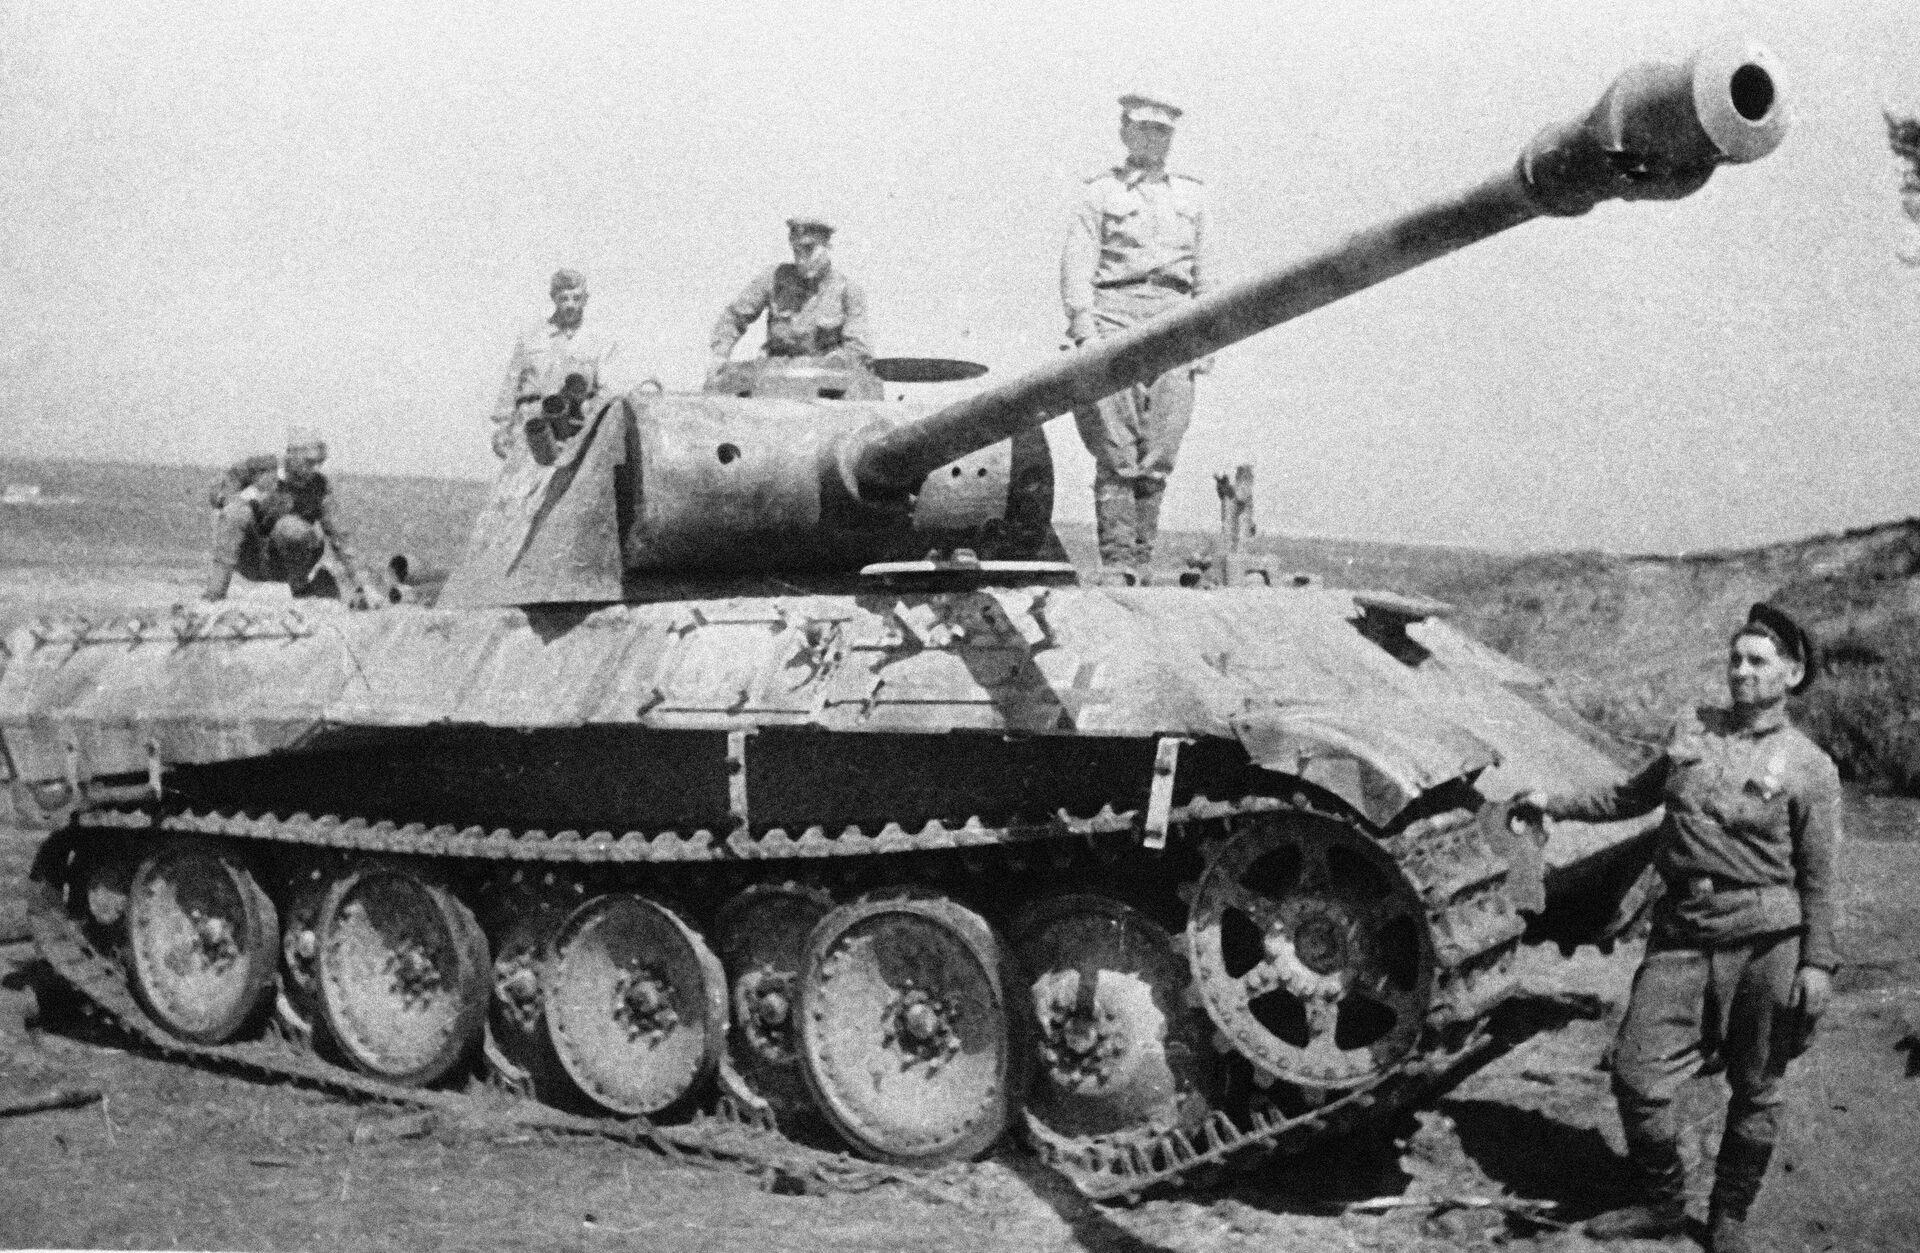 Советские воины рассматривают немецкий танк - РИА Новости, 1920, 16.09.2020